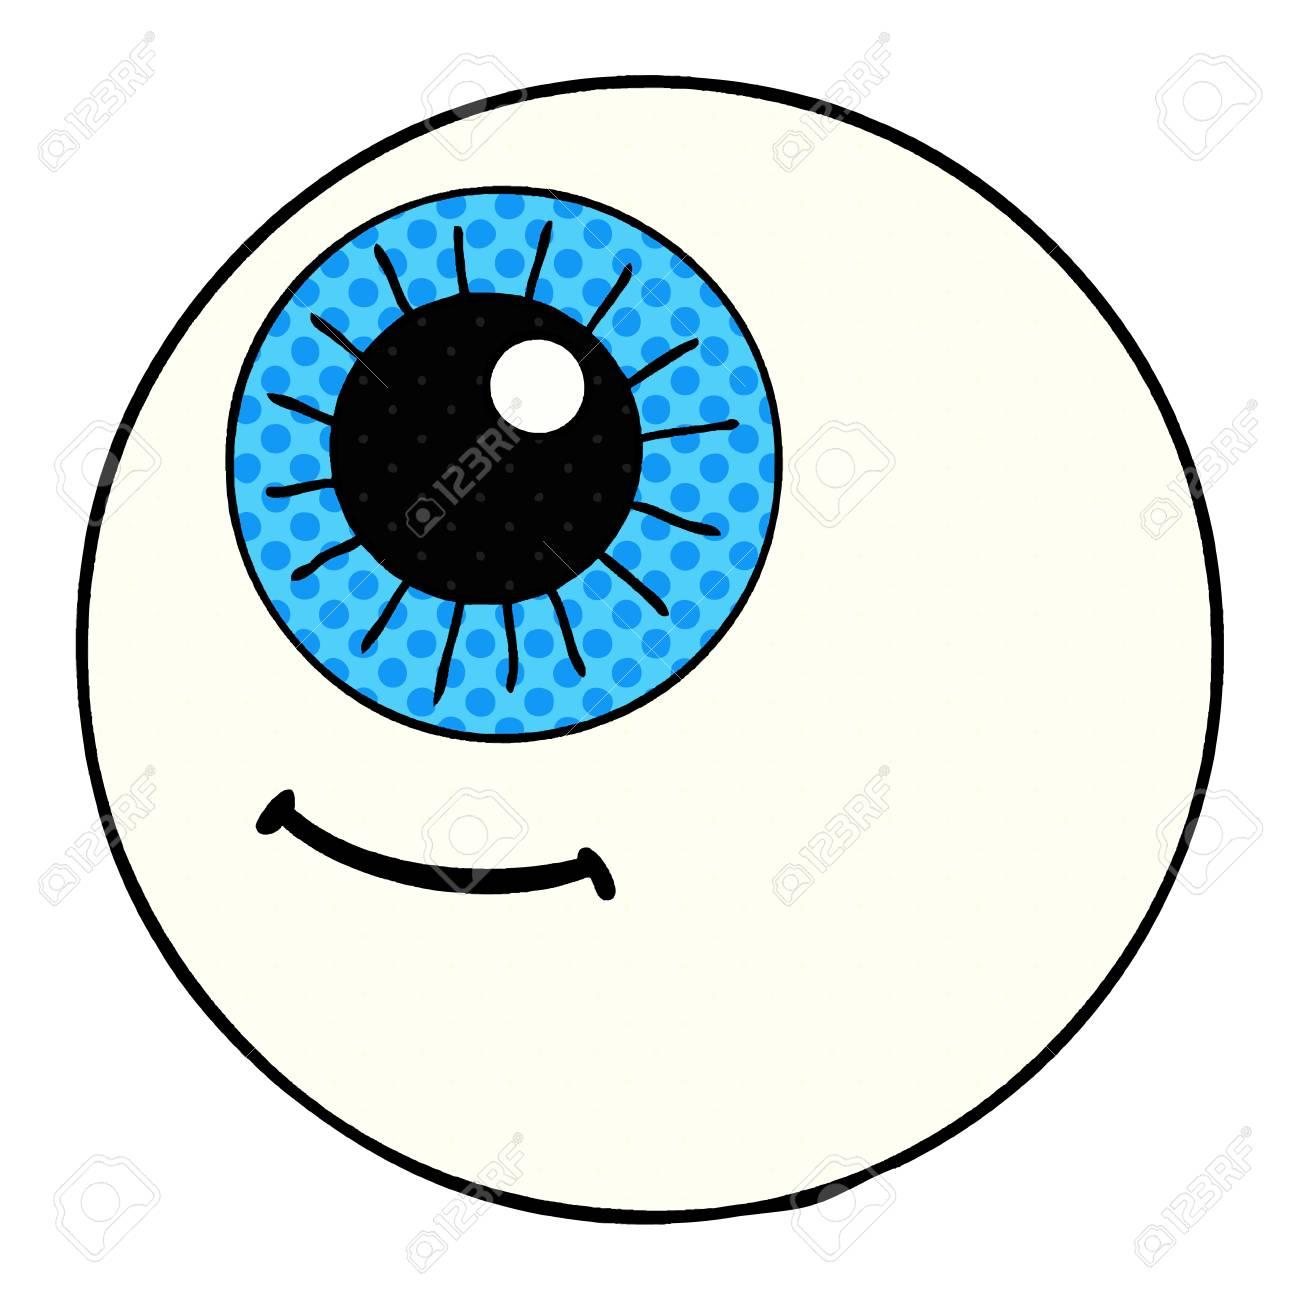 cartoon eyeball illustration design royalty free cliparts vectors rh 123rf com cartoon eyeball vector cartoon eyeball vector